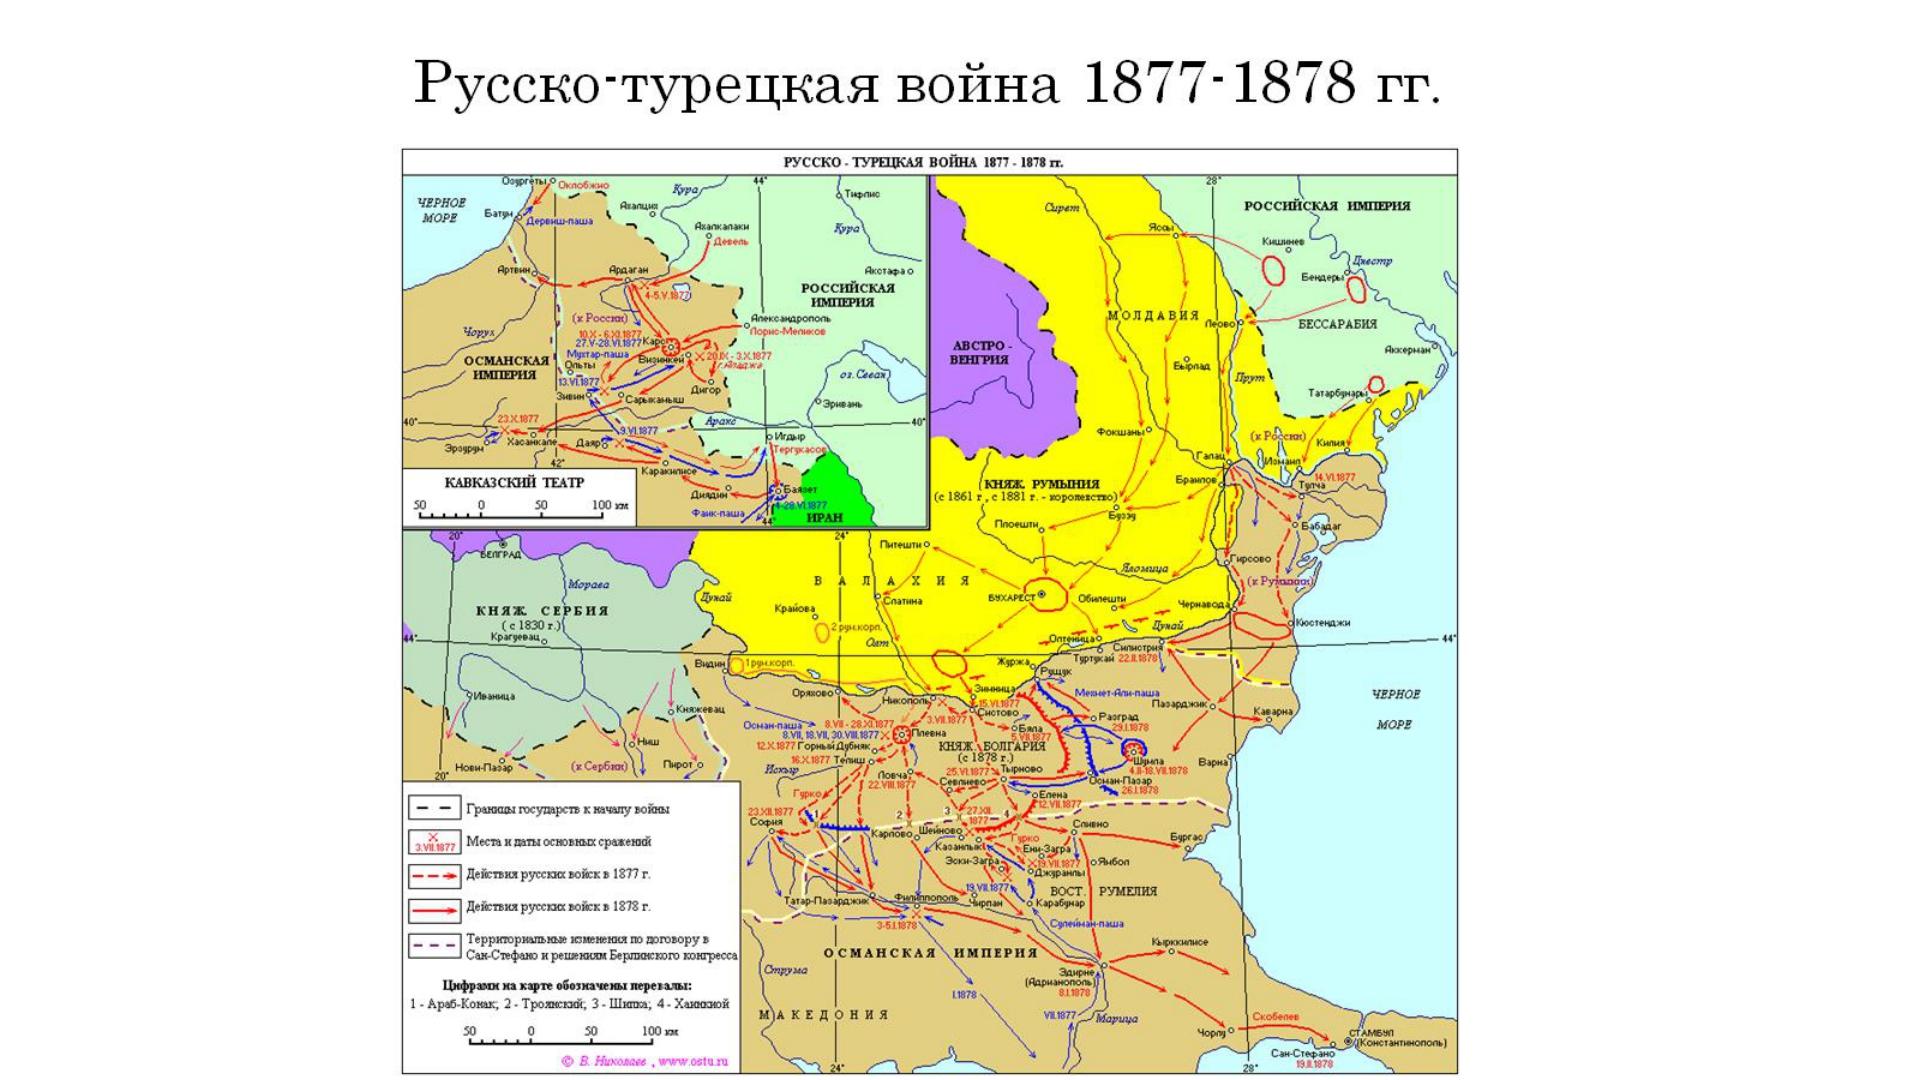 Русско-турецкая война 1877-1878 гг.